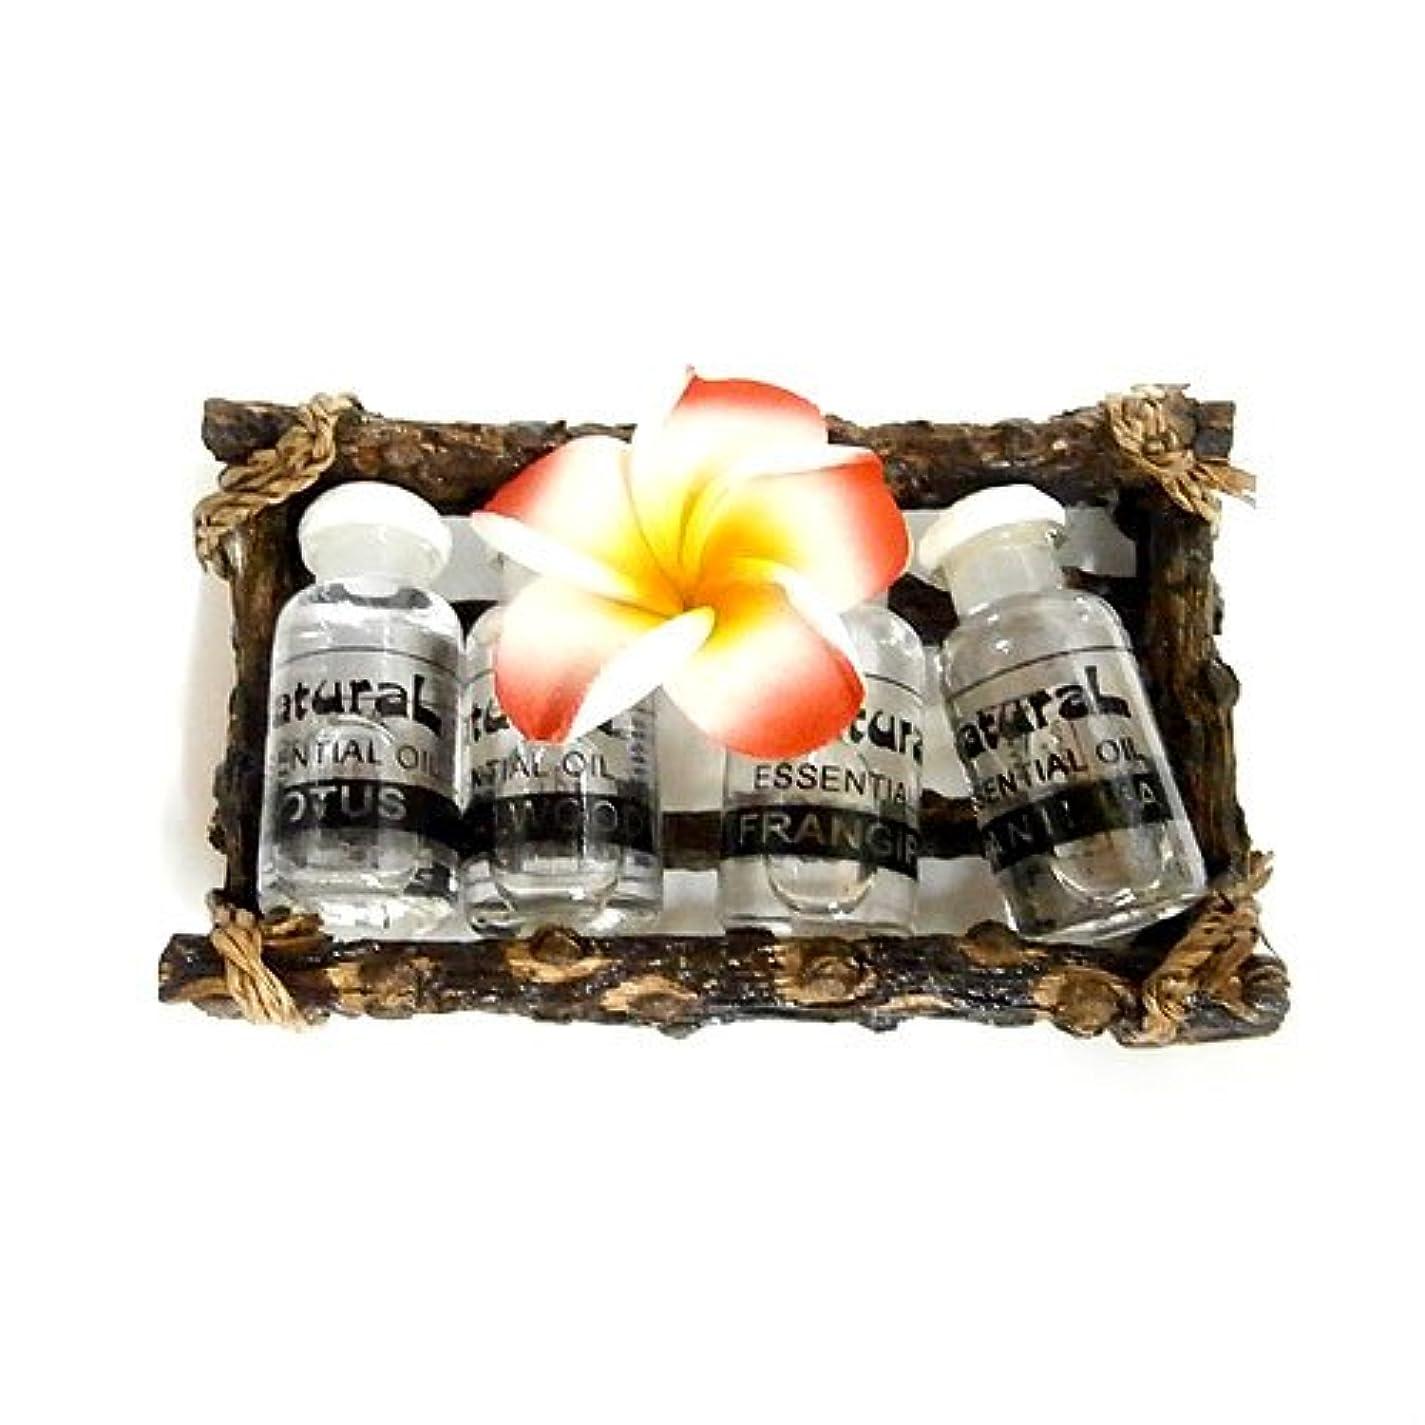 応じるお金ゴム石のアロマオイル4種セット 木枠入り アジアン雑貨